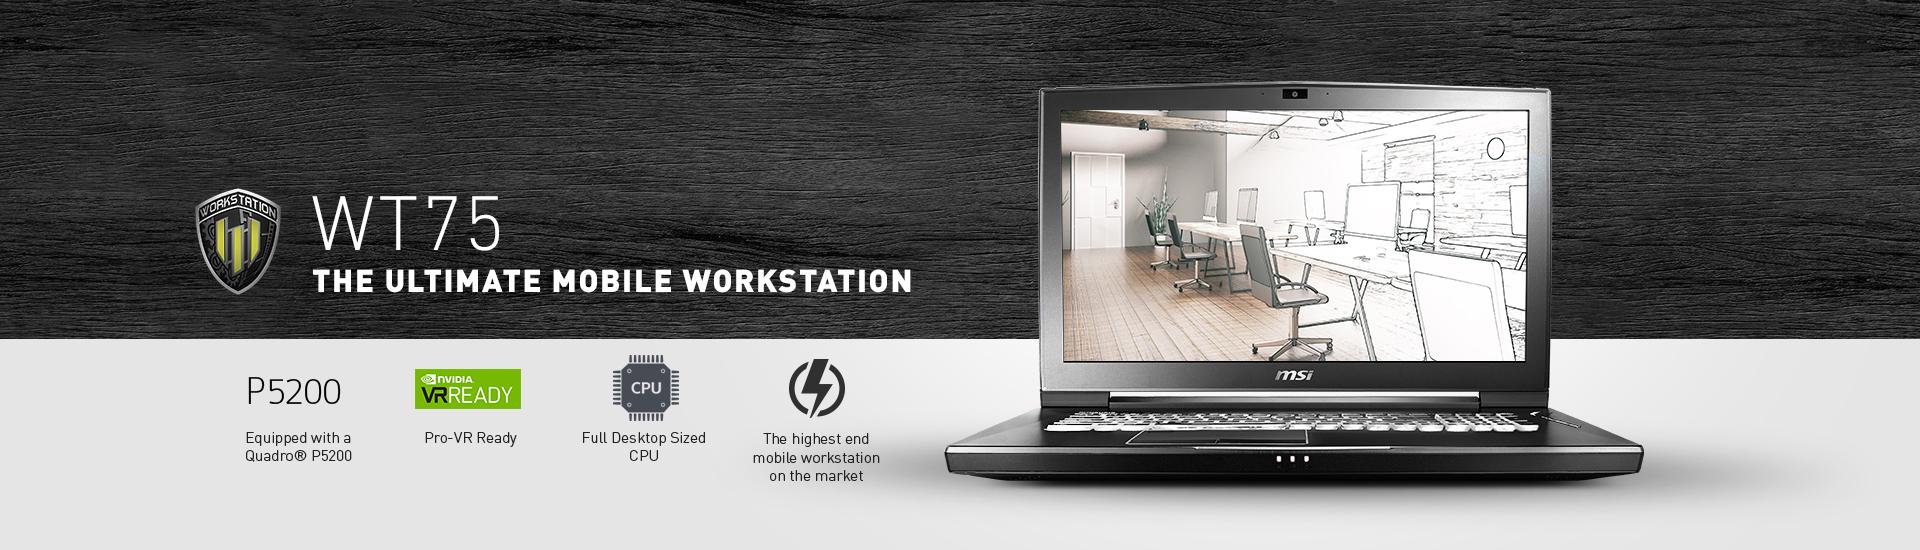 Workstation WT75 - CFL